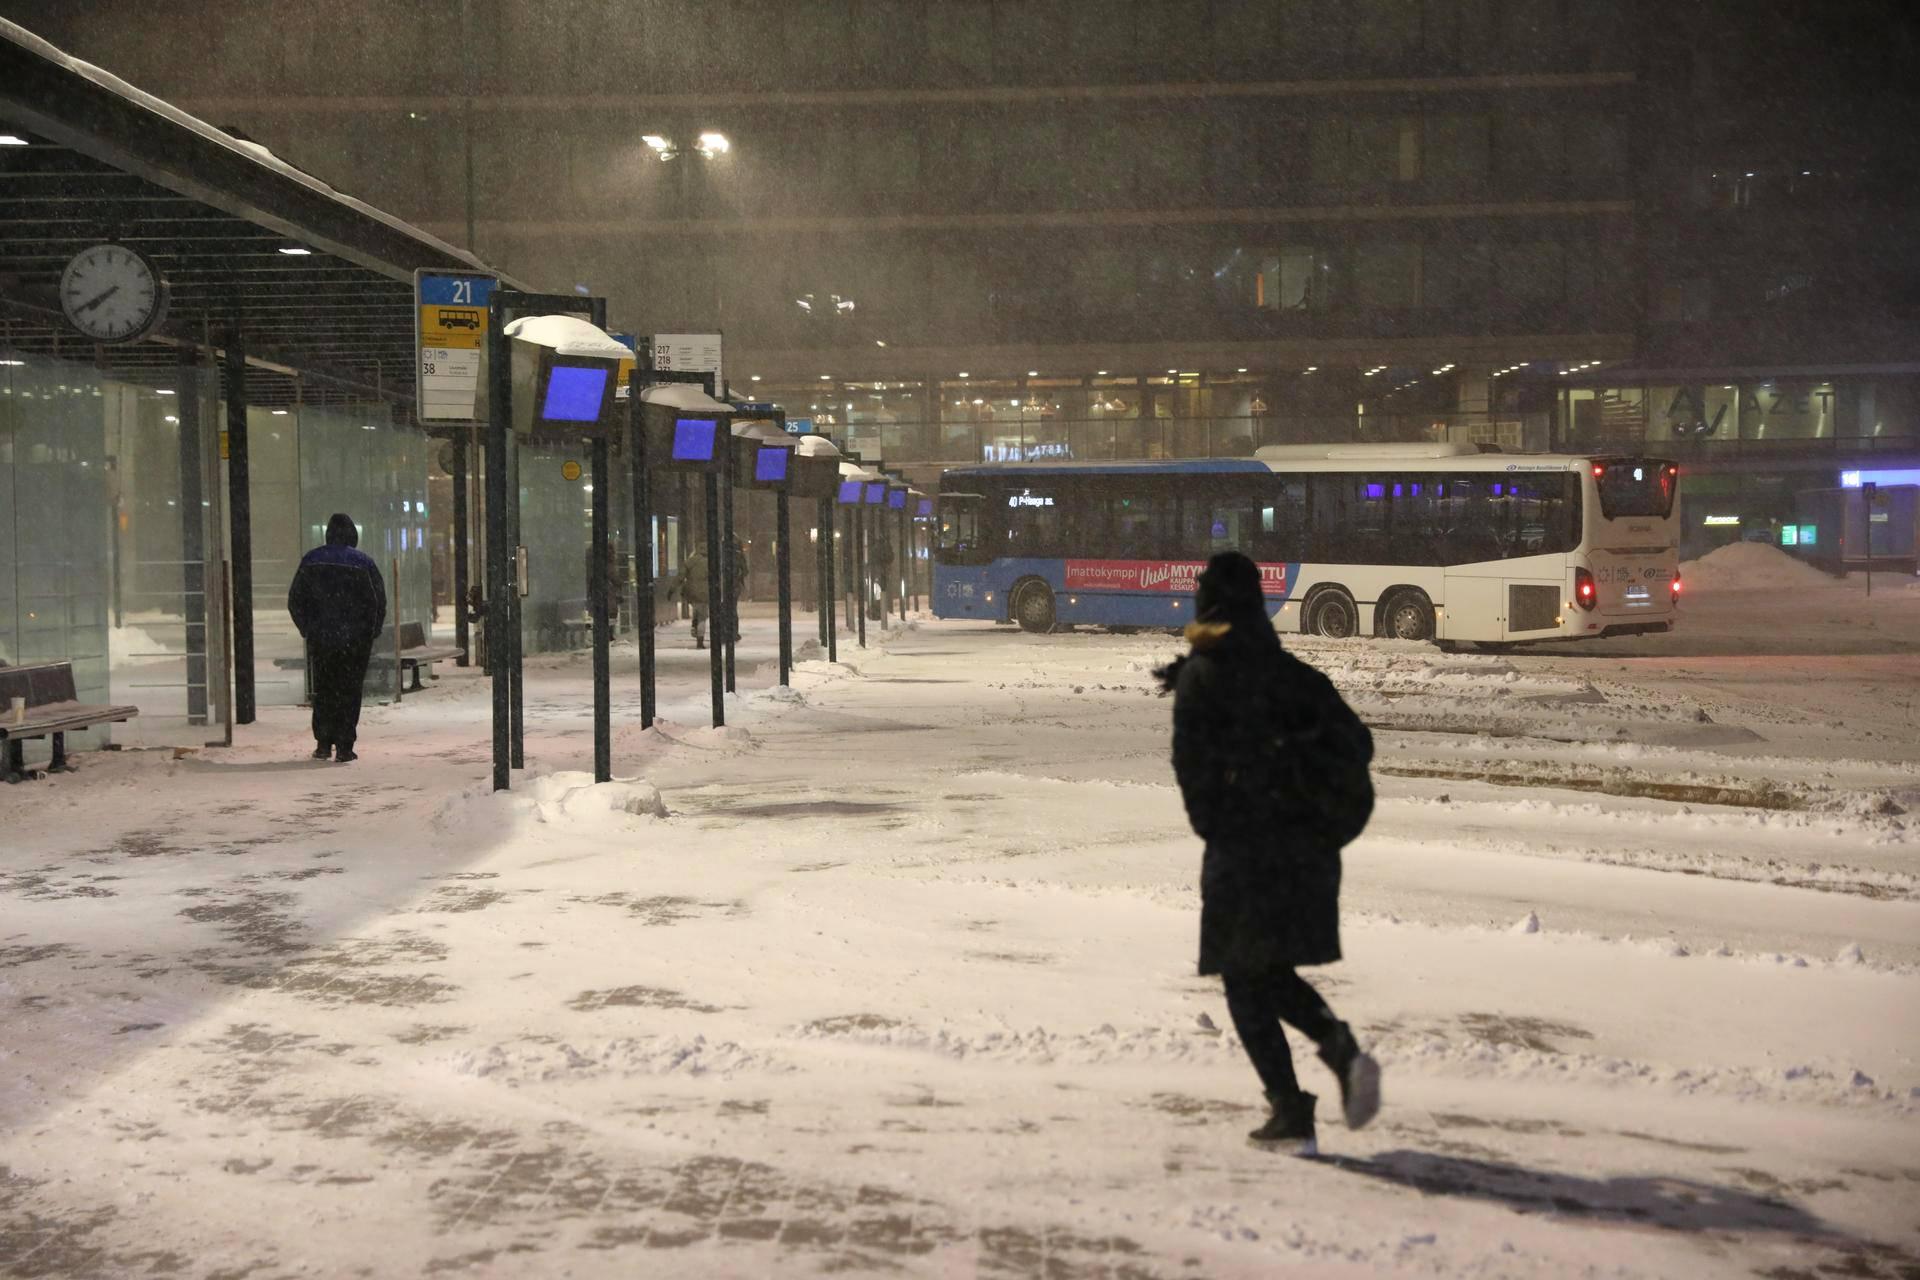 Huono ajokeli voi aiheuttaa myöhästymisiä julkisessa liikenteessä.